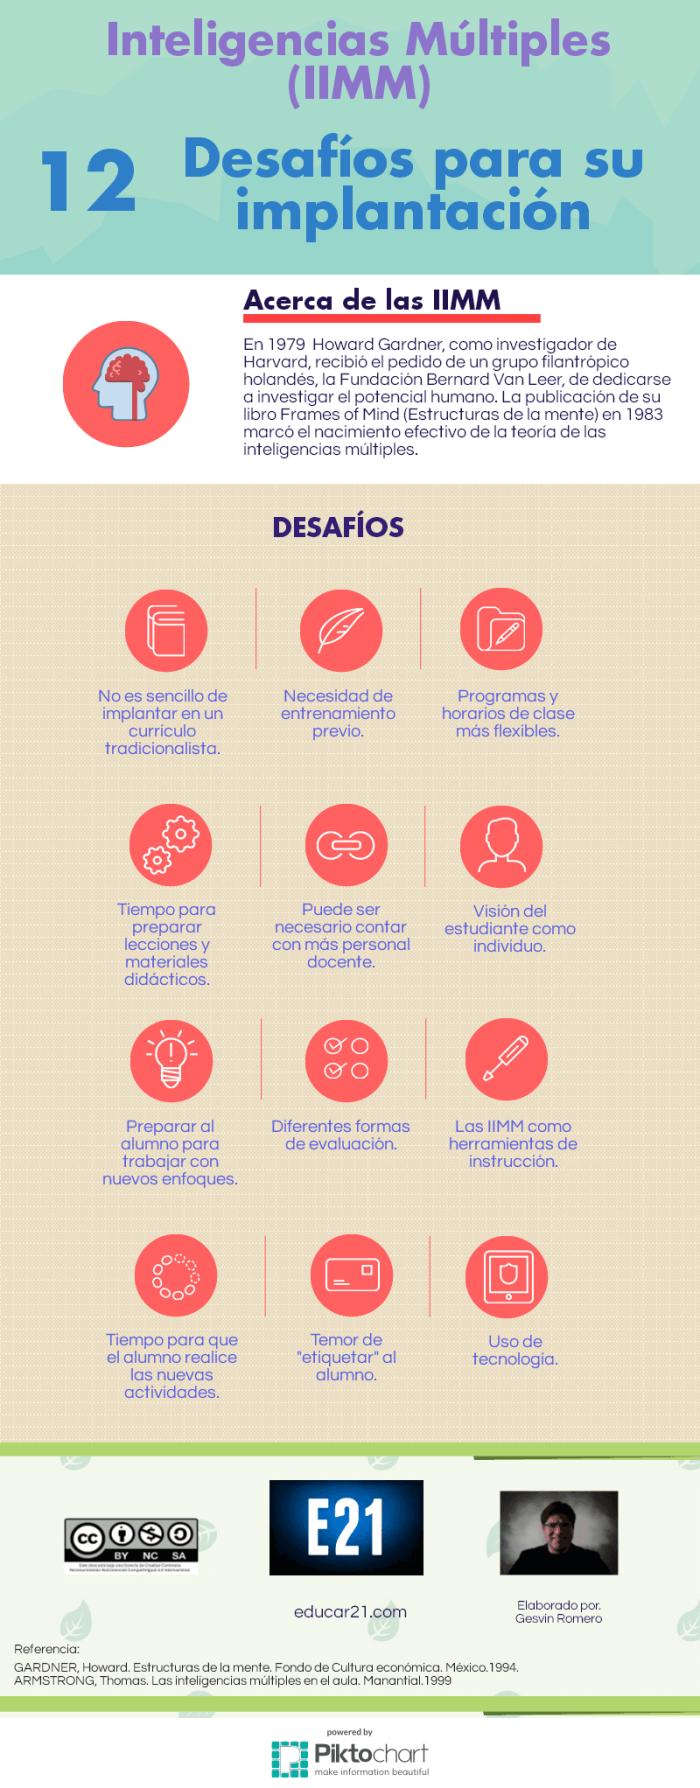 InteligenciasMúlitples-12DesafíosImplantación-Infografía-Educar21